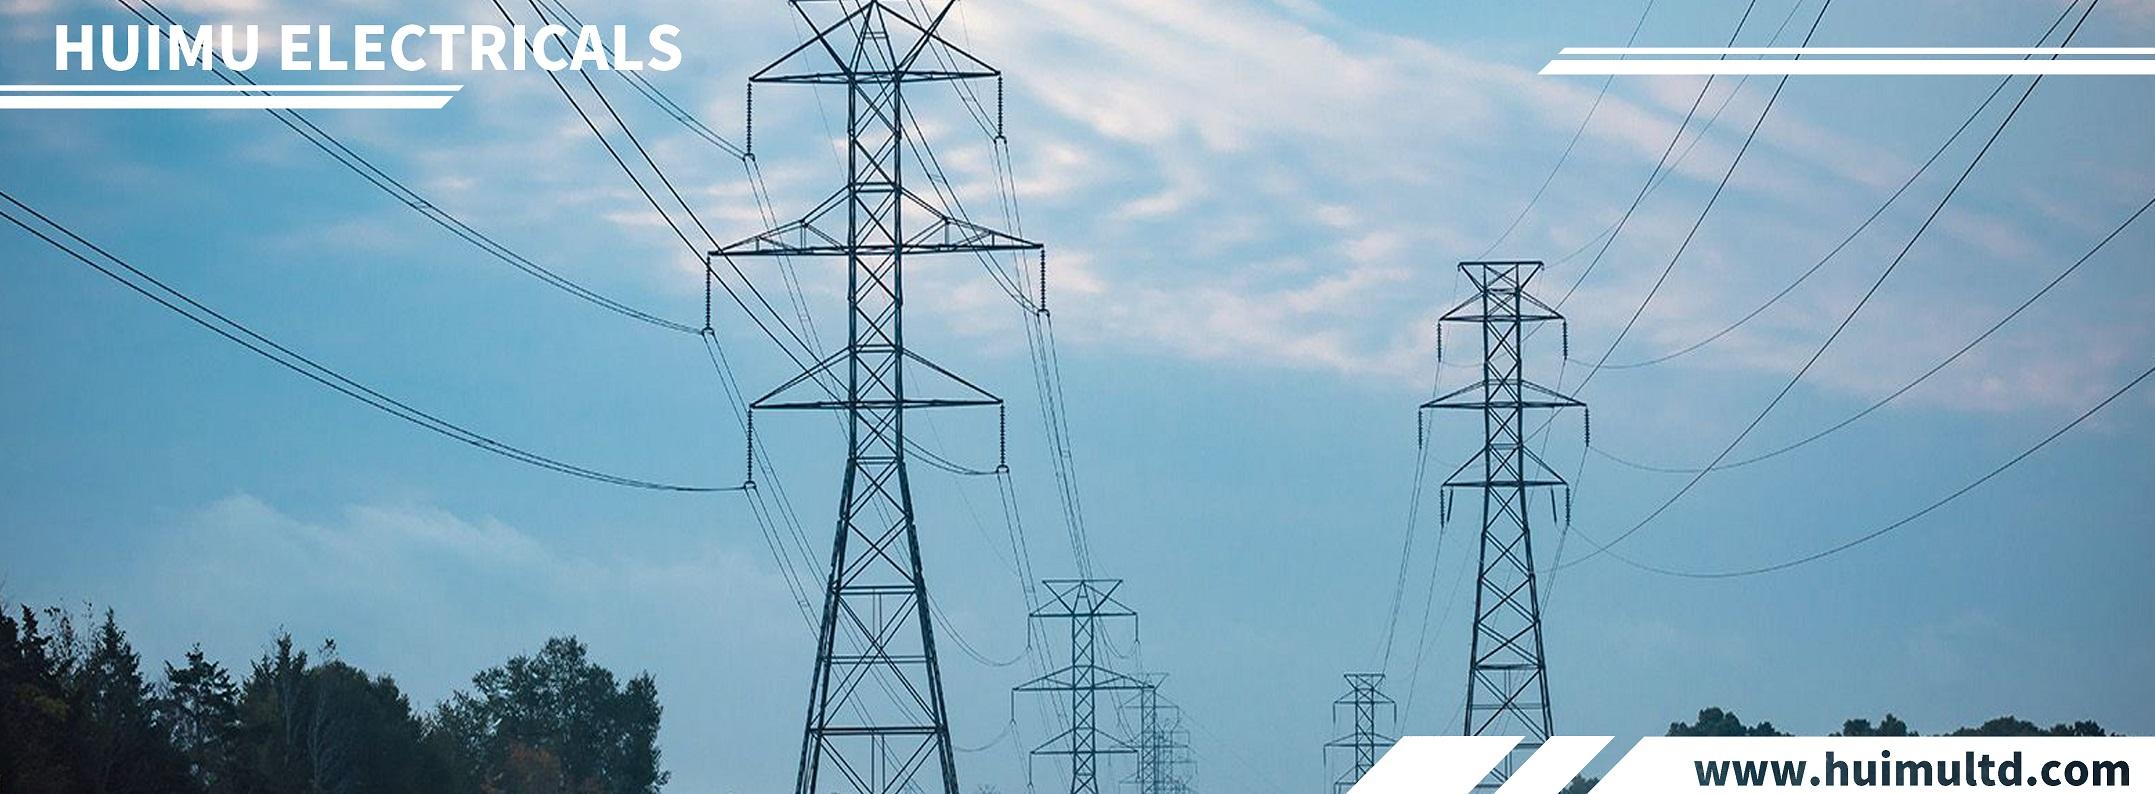 Electricals with HUIMU |HUIMULTD